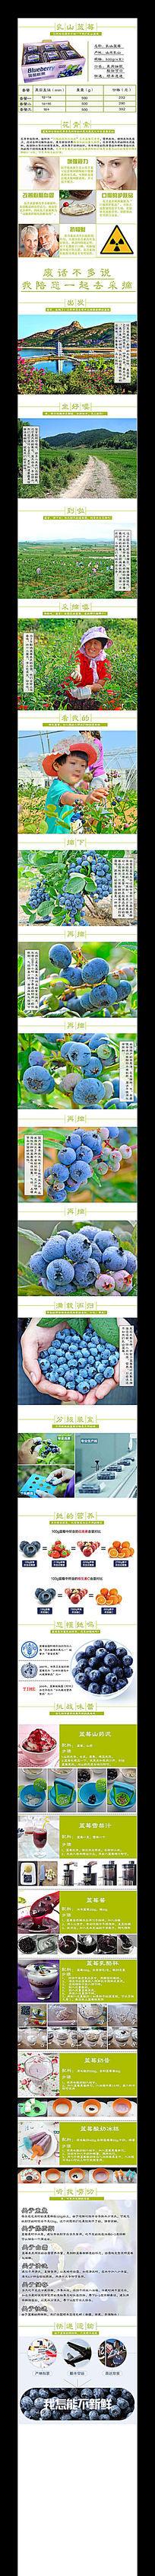 淘宝天猫水果蓝莓详情描述模板